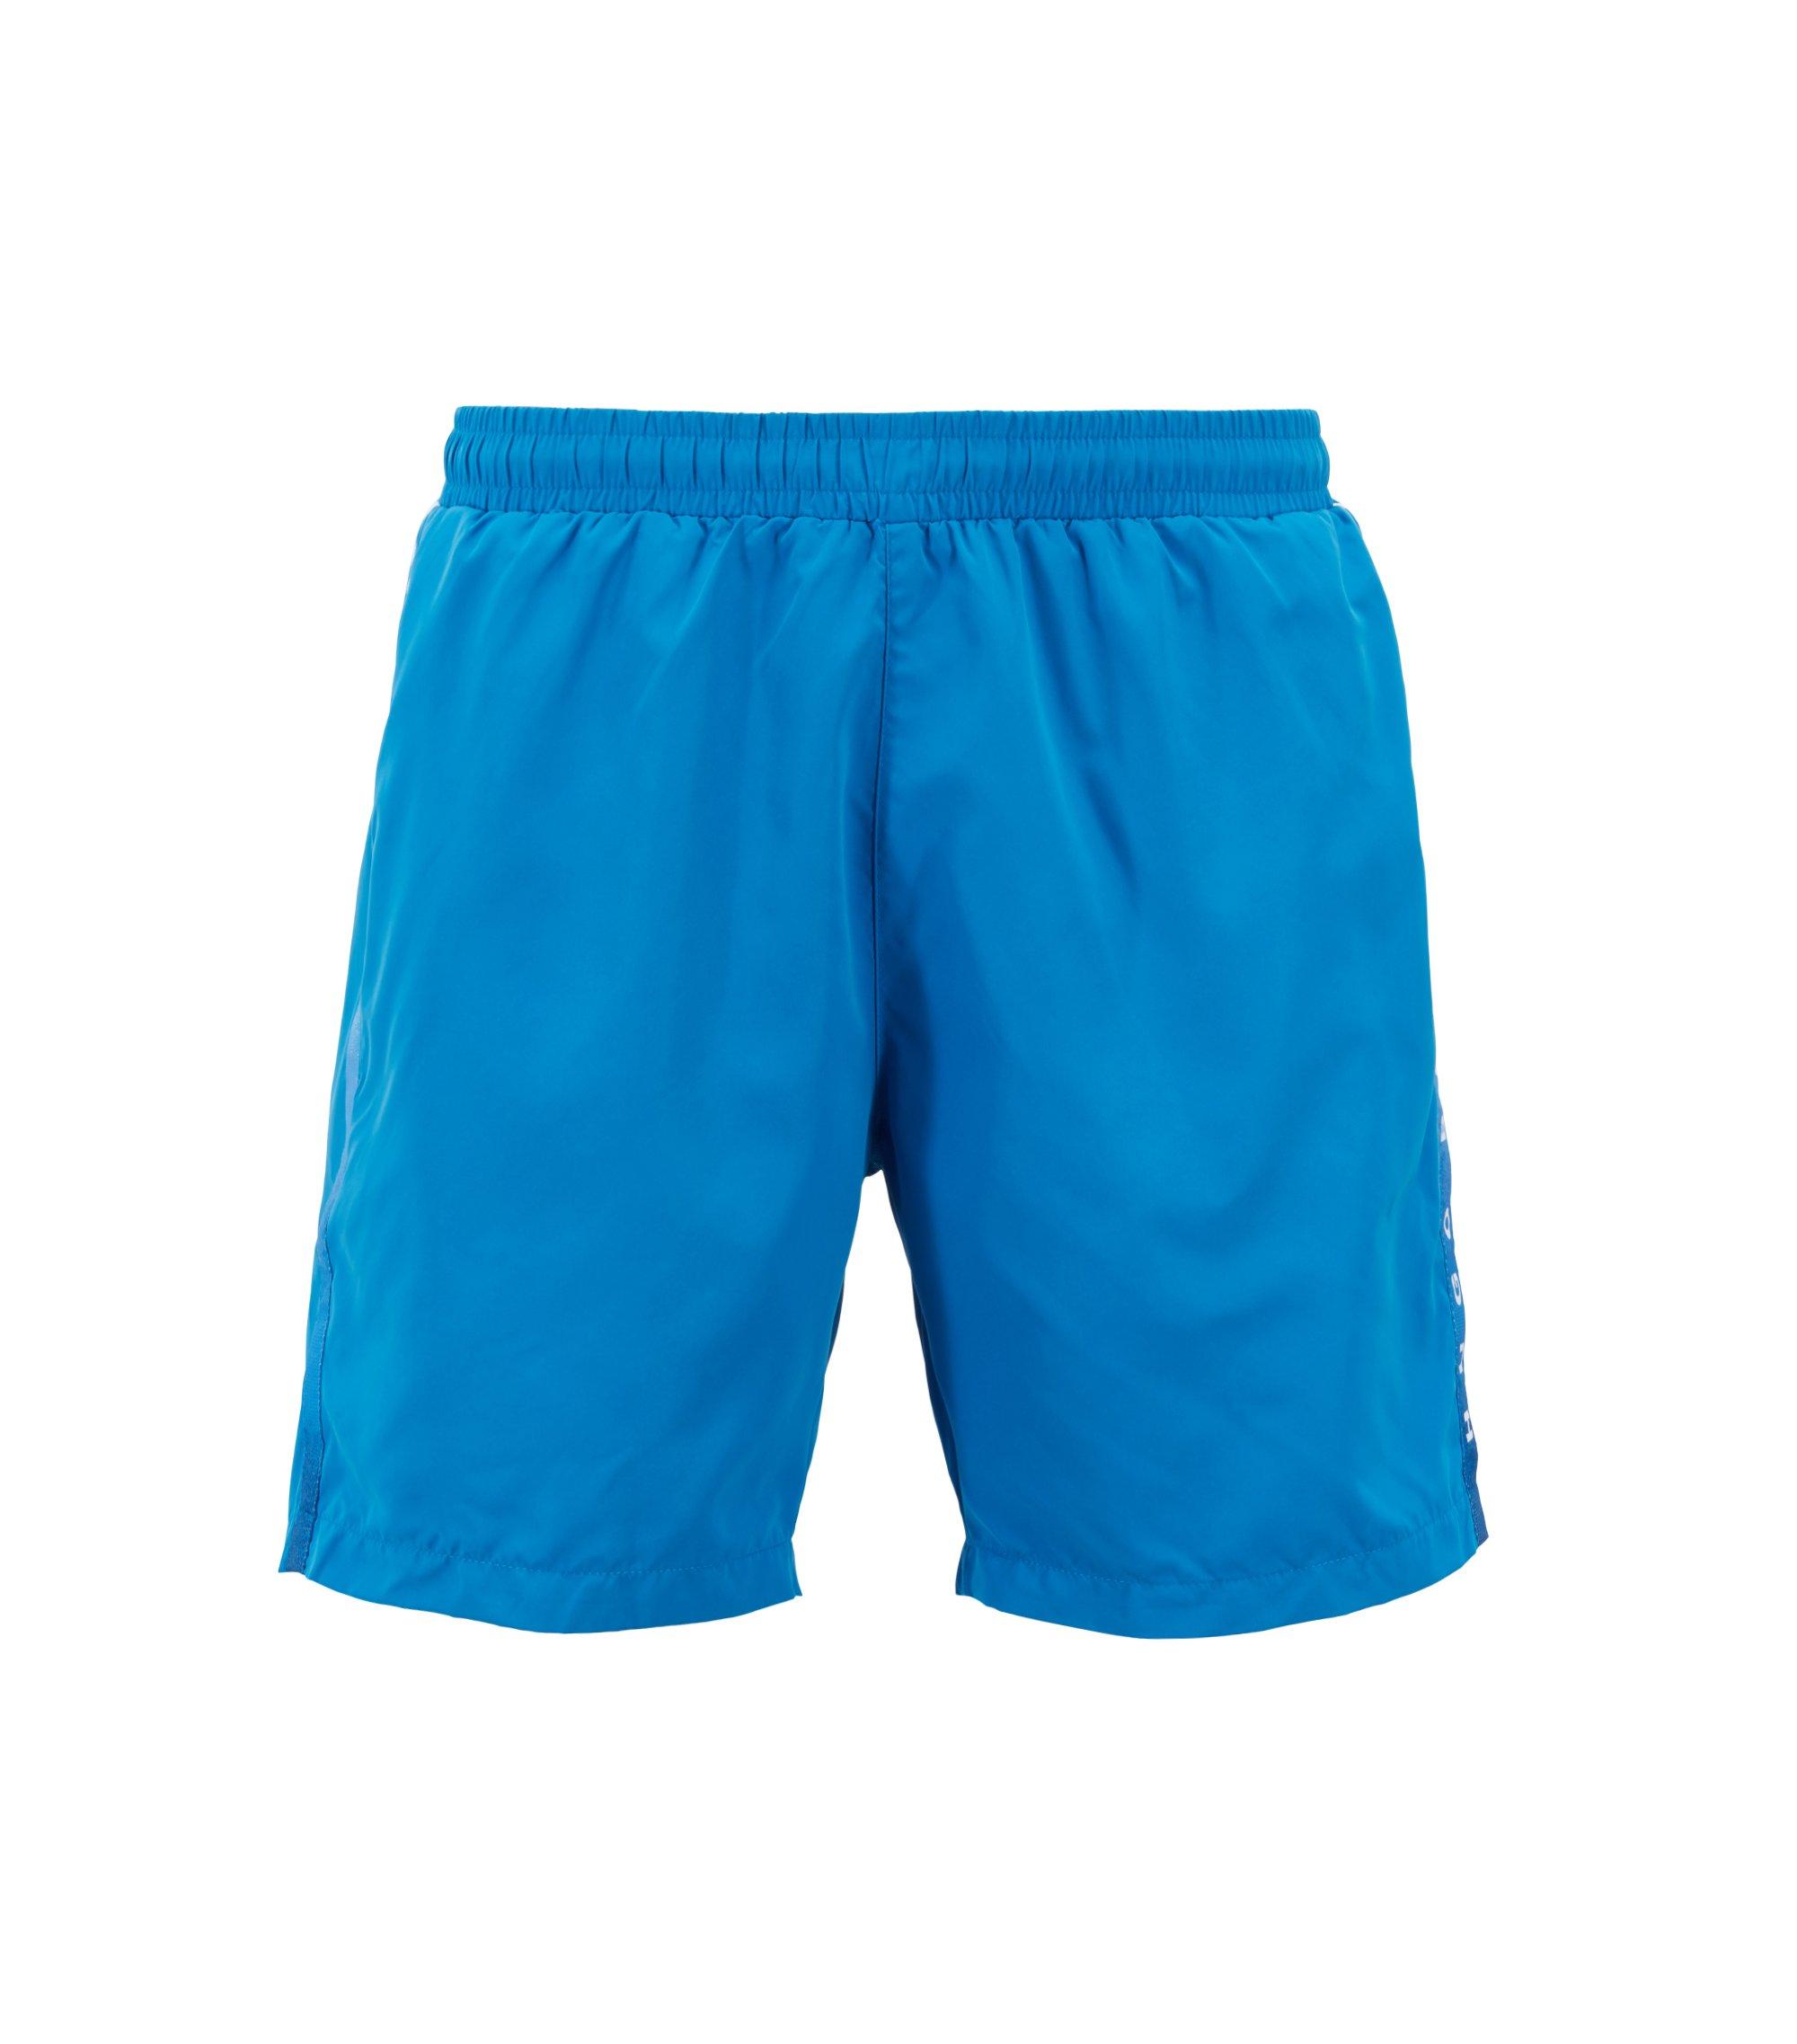 Zwemshort van sneldrogend, technisch materiaal, Lichtblauw